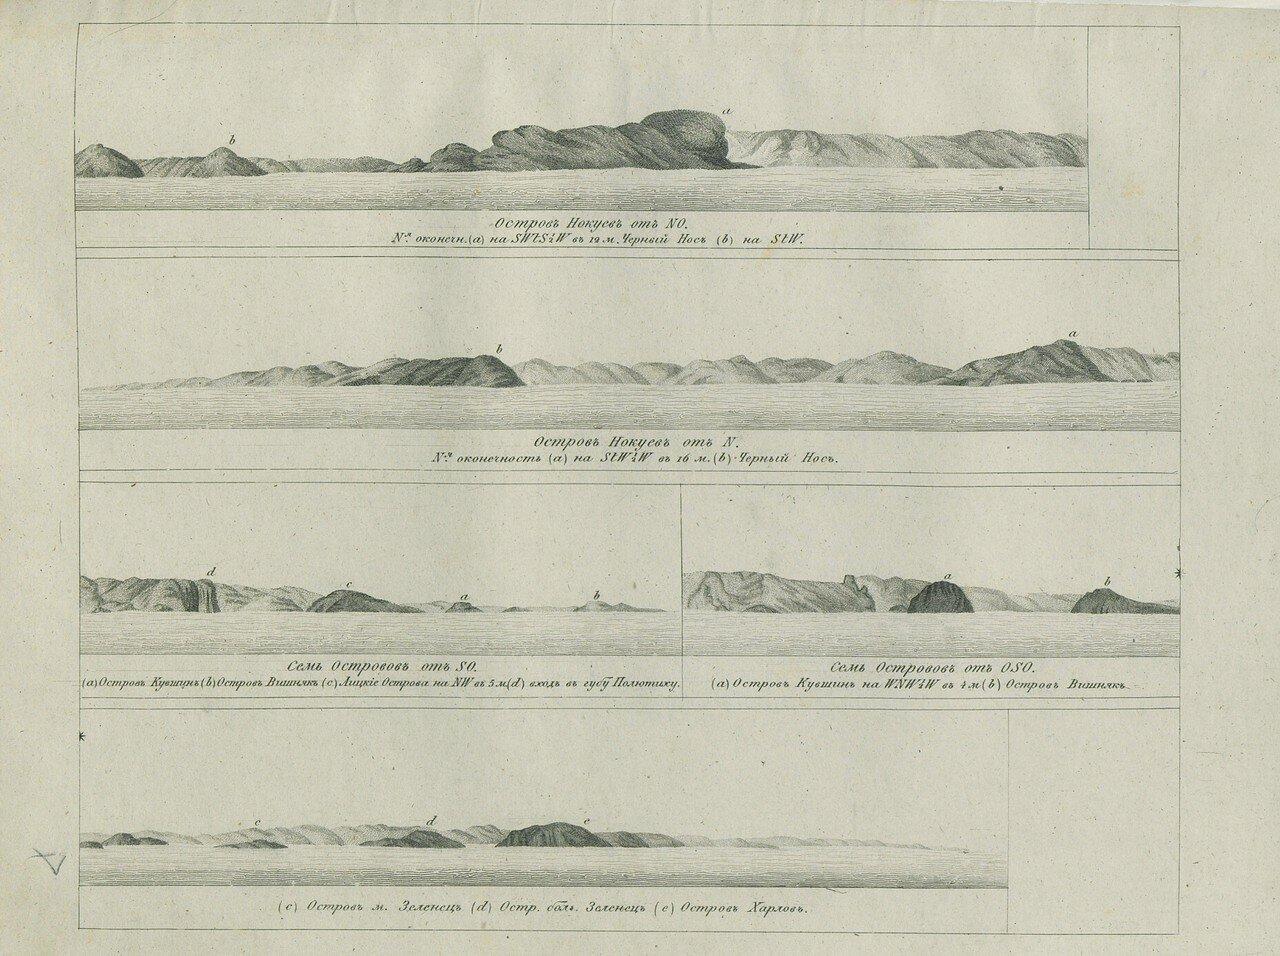 Остров Нокуев от северо-запада и севера. Семь островов от северо-запада